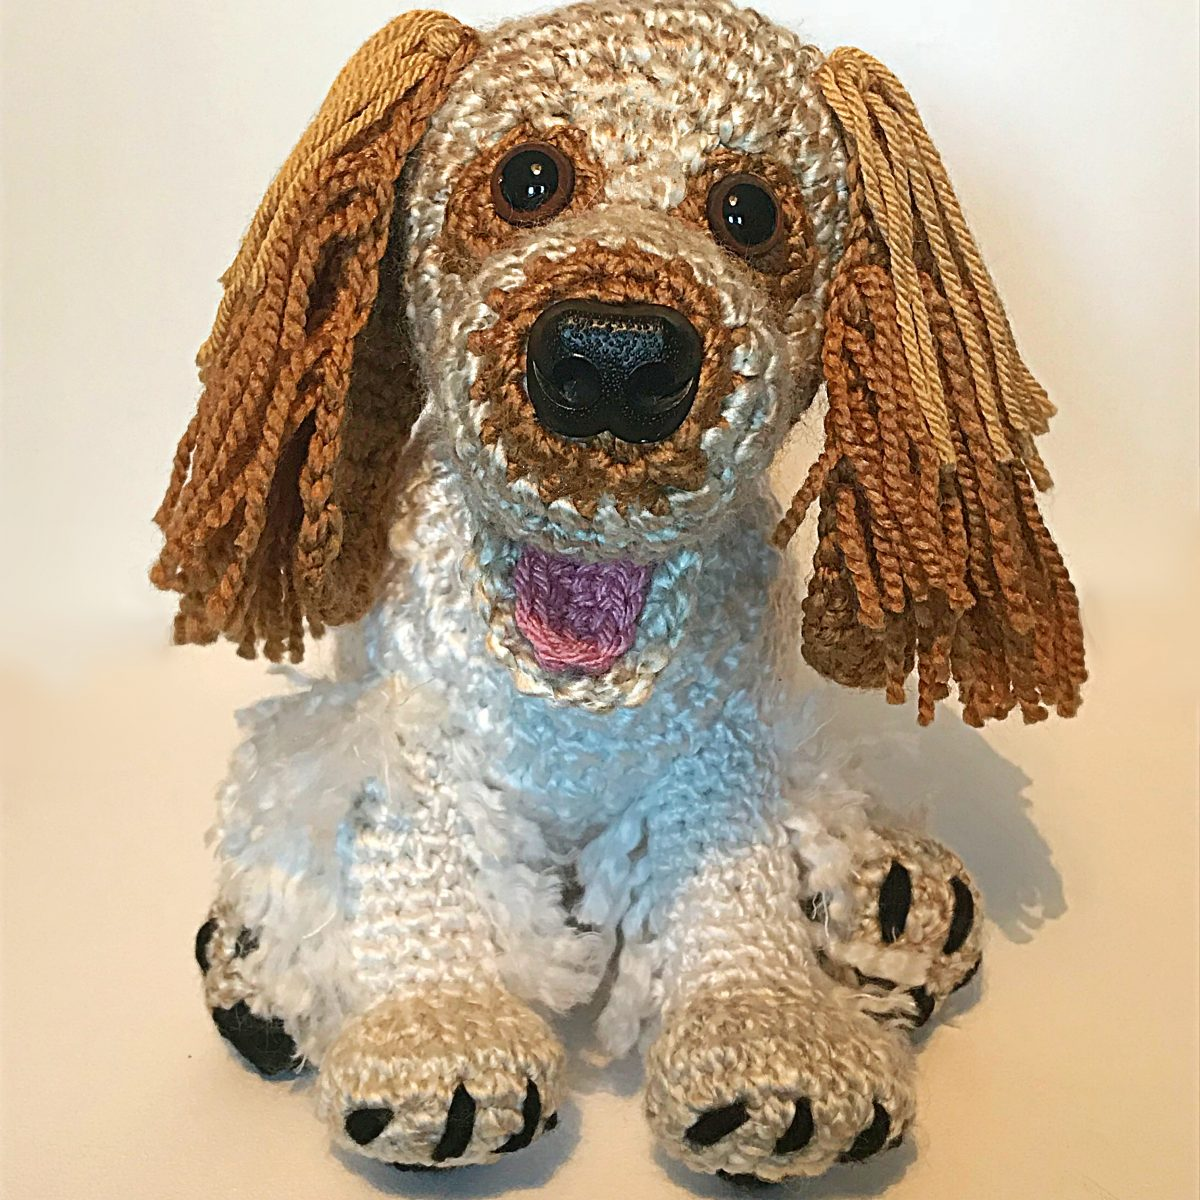 Handmade Crochet Spaniel - Barney the Orange Roan Springer Spaniel